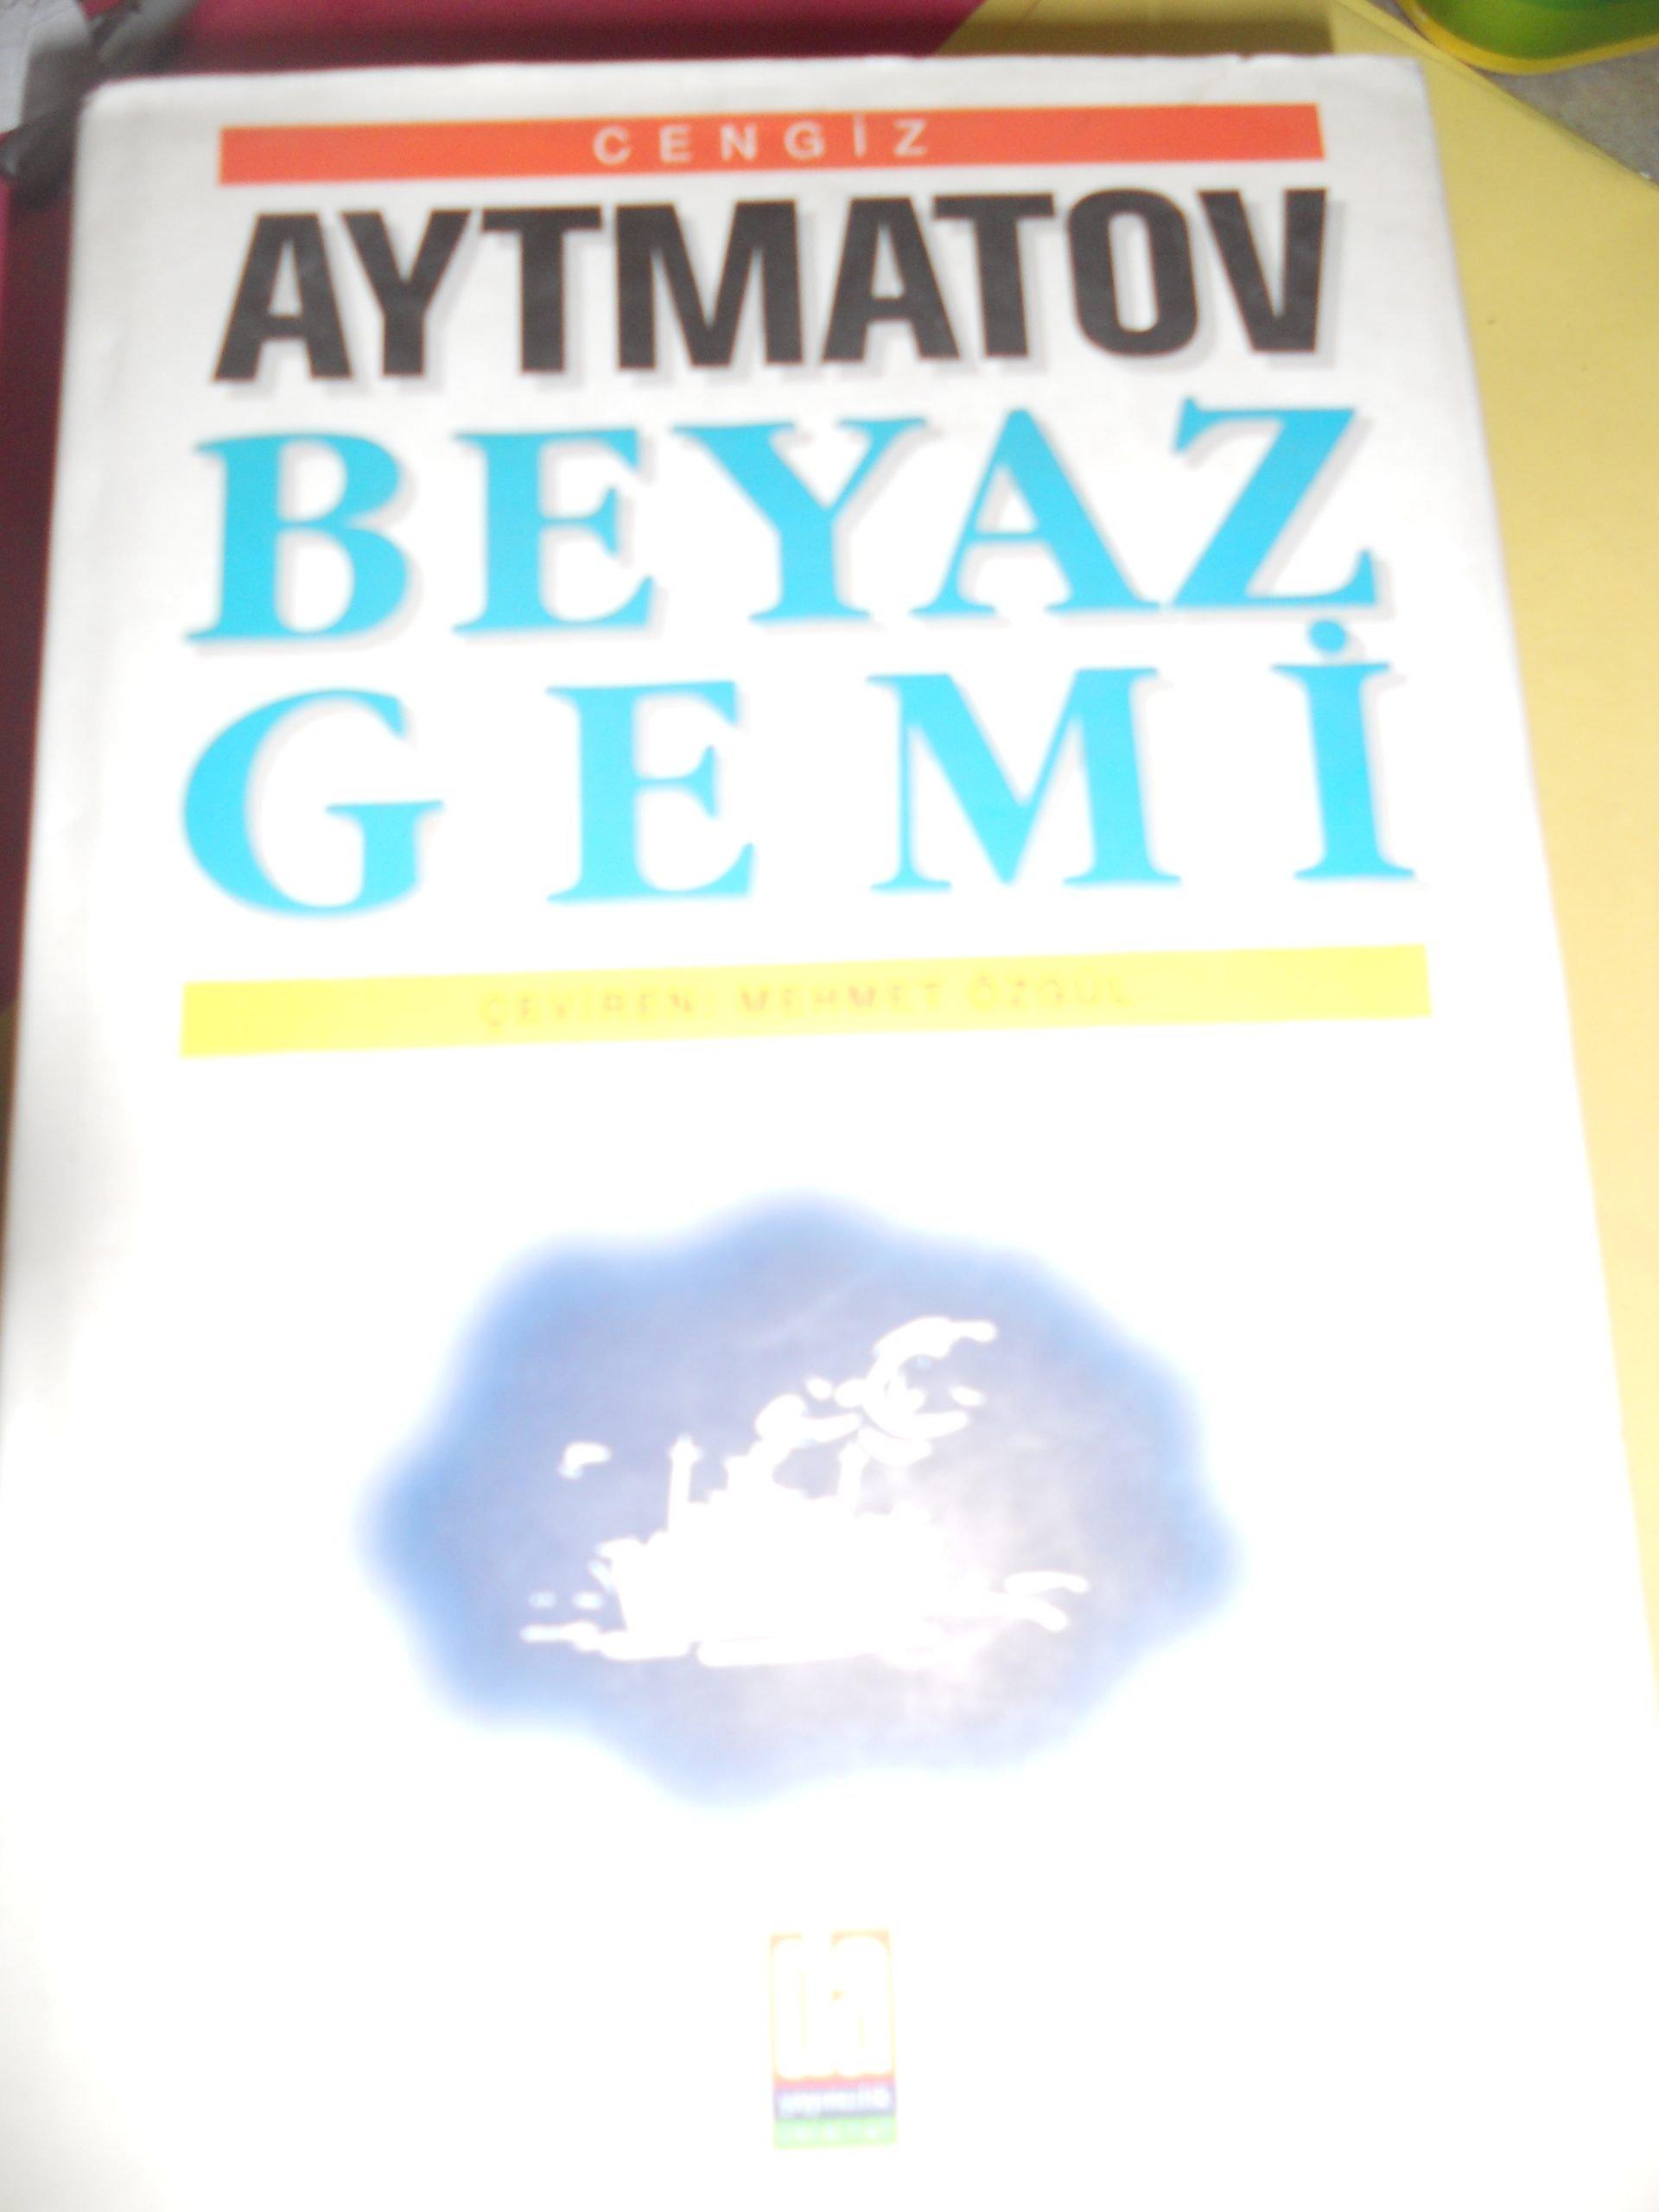 BEYAZ GEMİ/CENGİZ AYTMATOV/ 7,5 TL(satıldı)